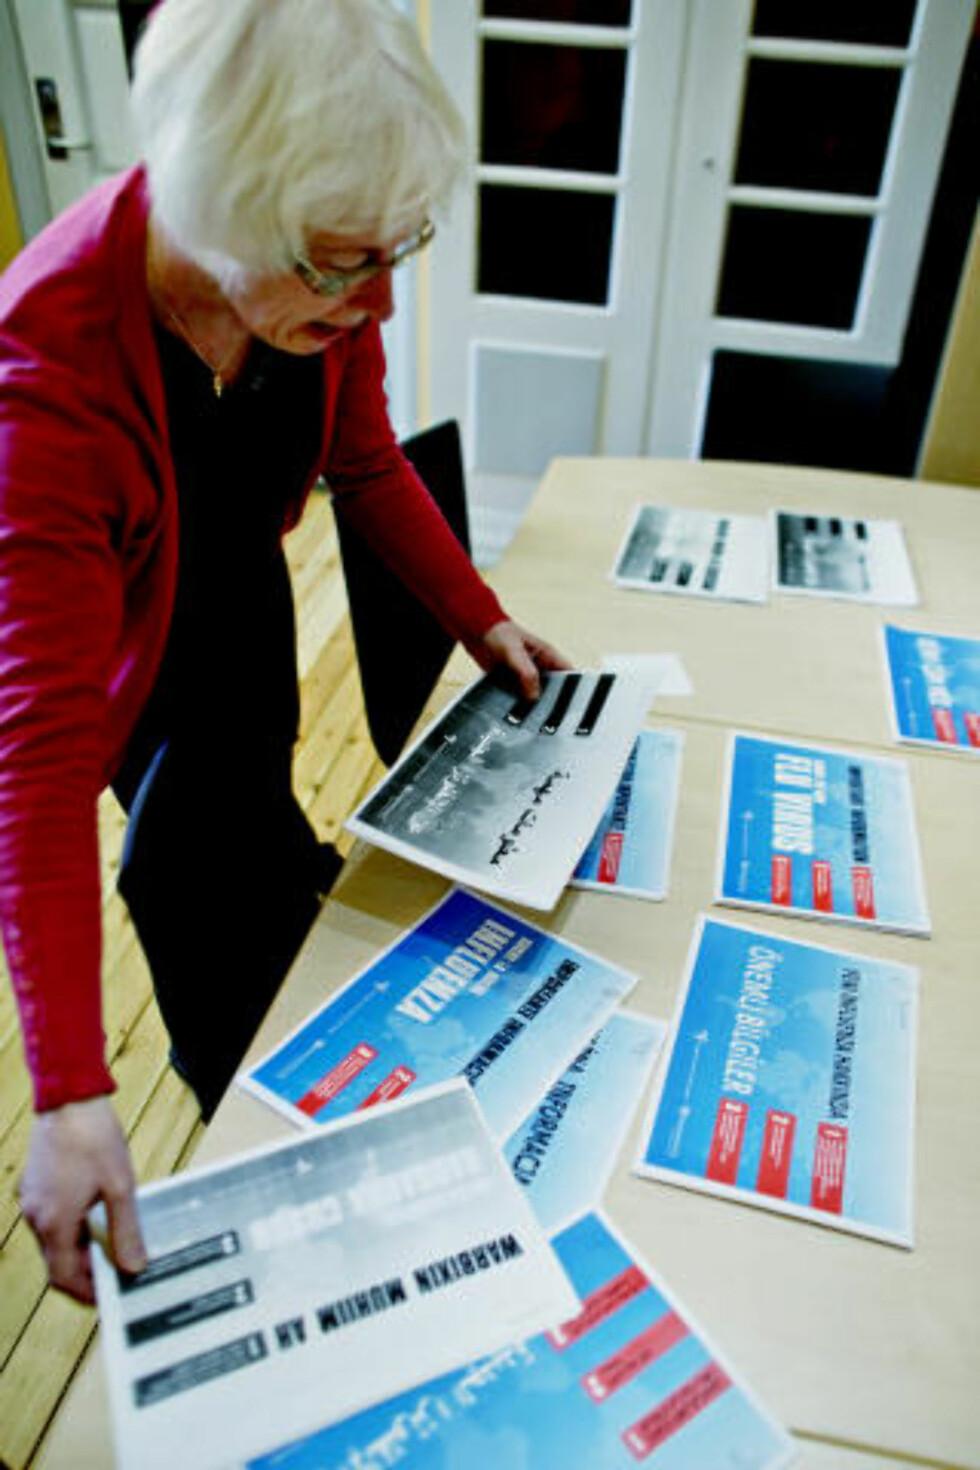 KOMPLISERT INFOARBEID: - Jeg trenger brosjyrer på åtte forskjellige språk til mine elever, sier Ragnhild Vasland ved mottaksgruppa til ungdomstrinnet på Sagene skole. Foto: KRISTER SØRBØ